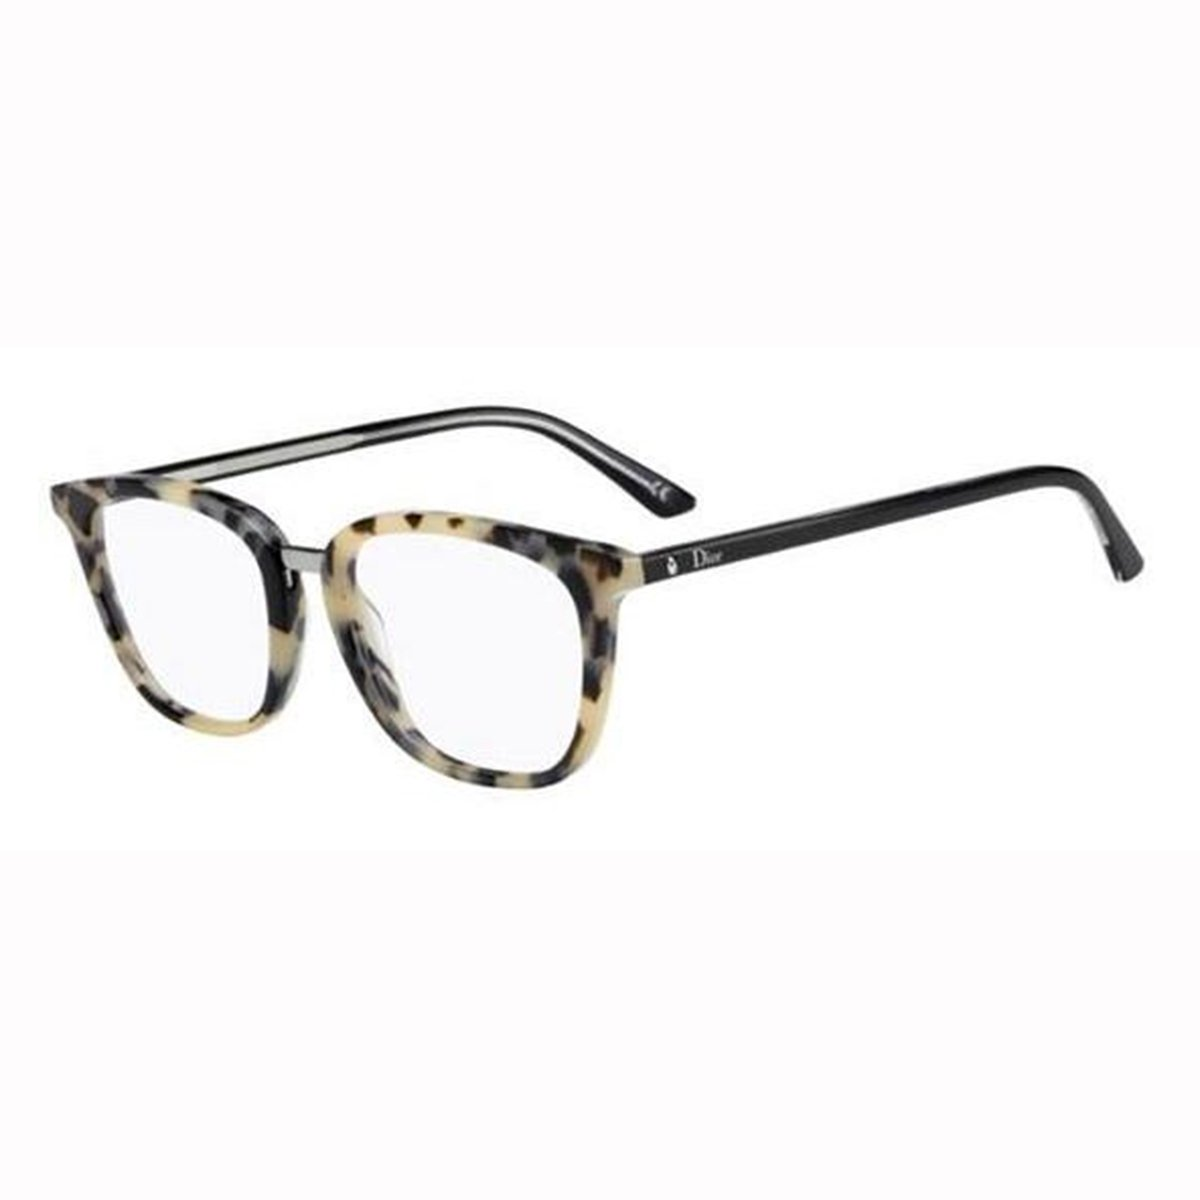 e70554614b8 Compre Óculos de Grau Dior Montaigne 35 em 10X